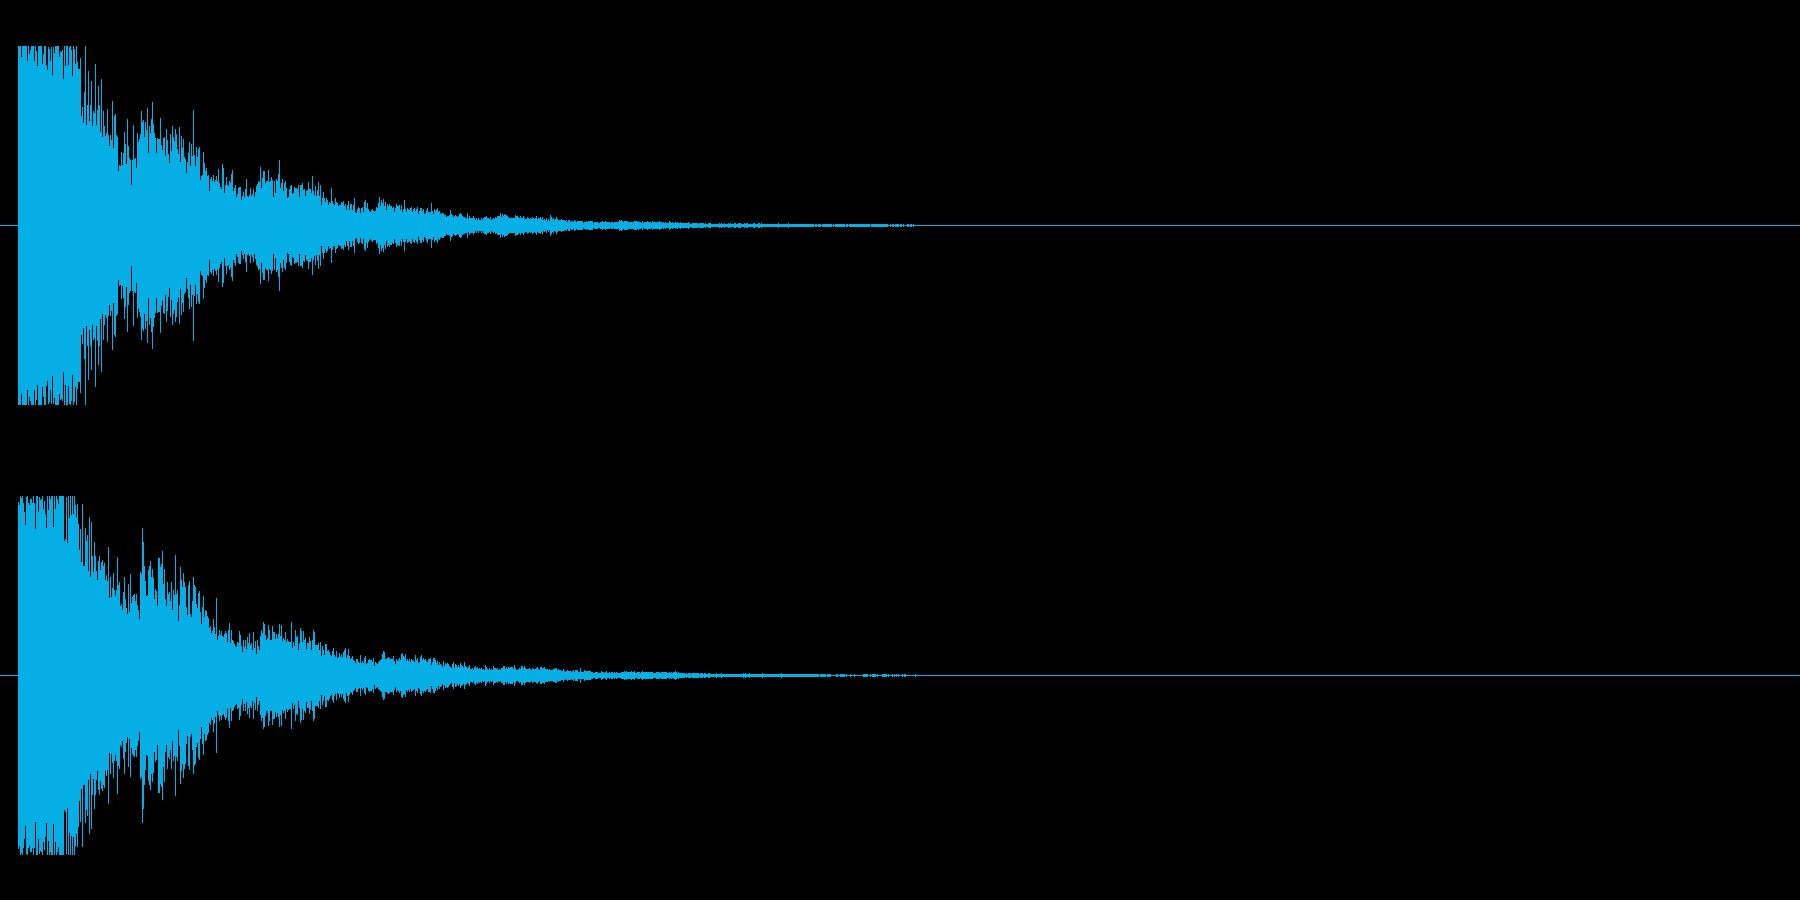 レーザー音-80-2の再生済みの波形